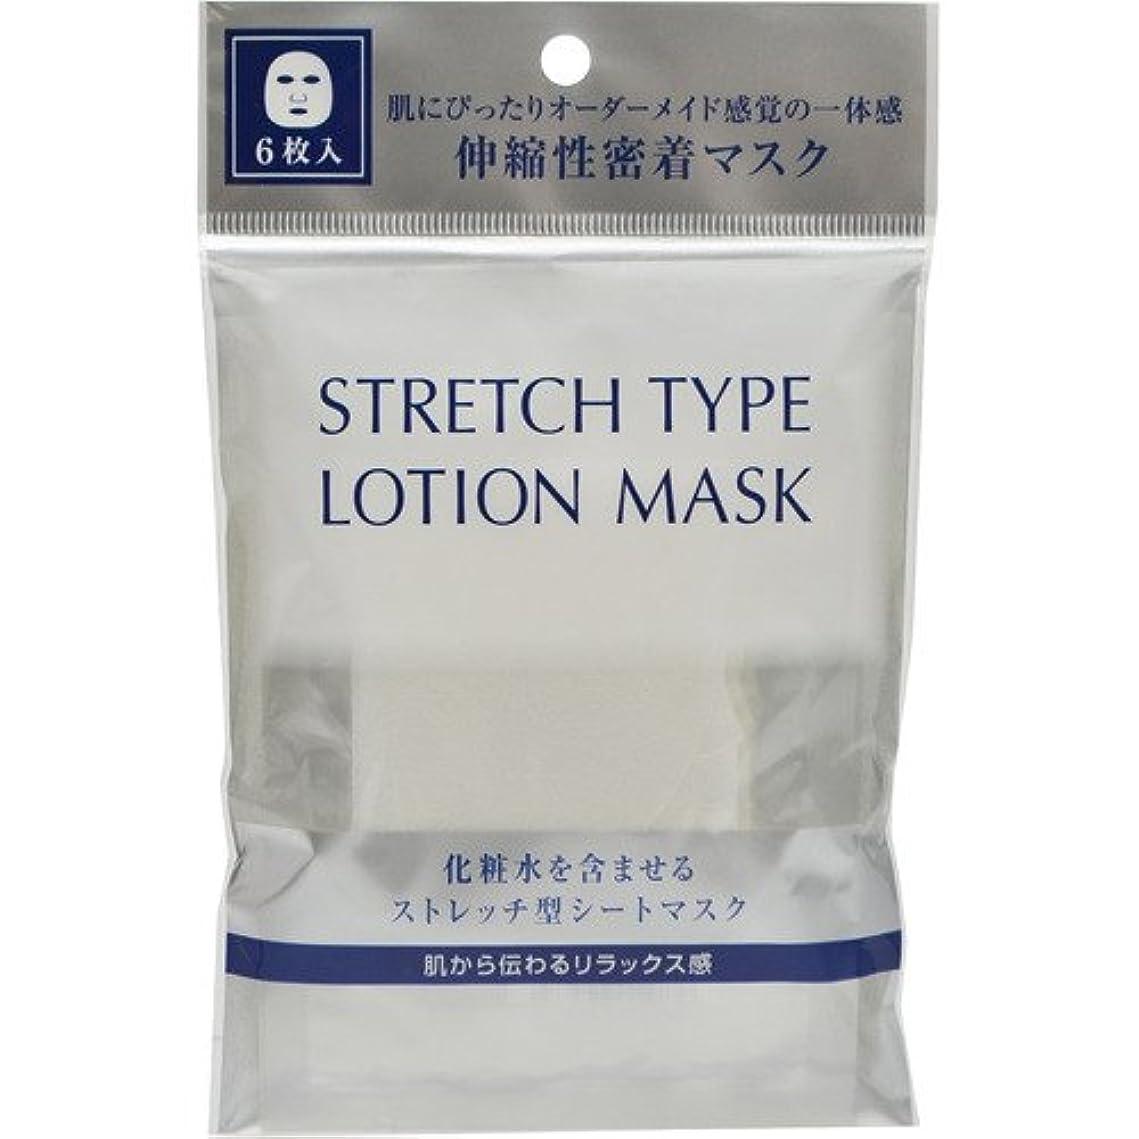 平衡リングバック固体コーセー 雪肌精 シュープレム ローションマスク (ストレッチシートタイプ) 6枚入り